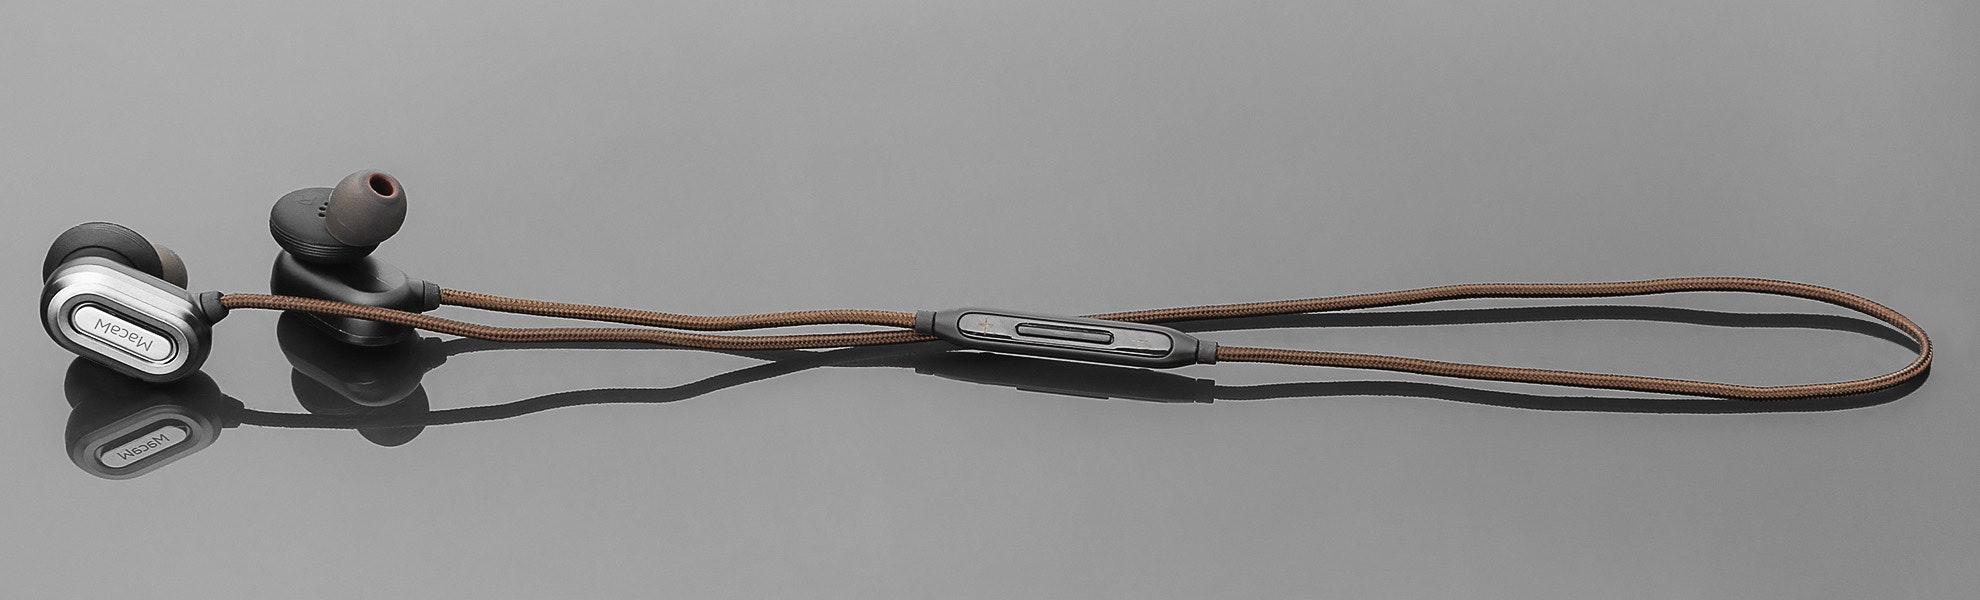 Macaw T1000 Wireless Earphones